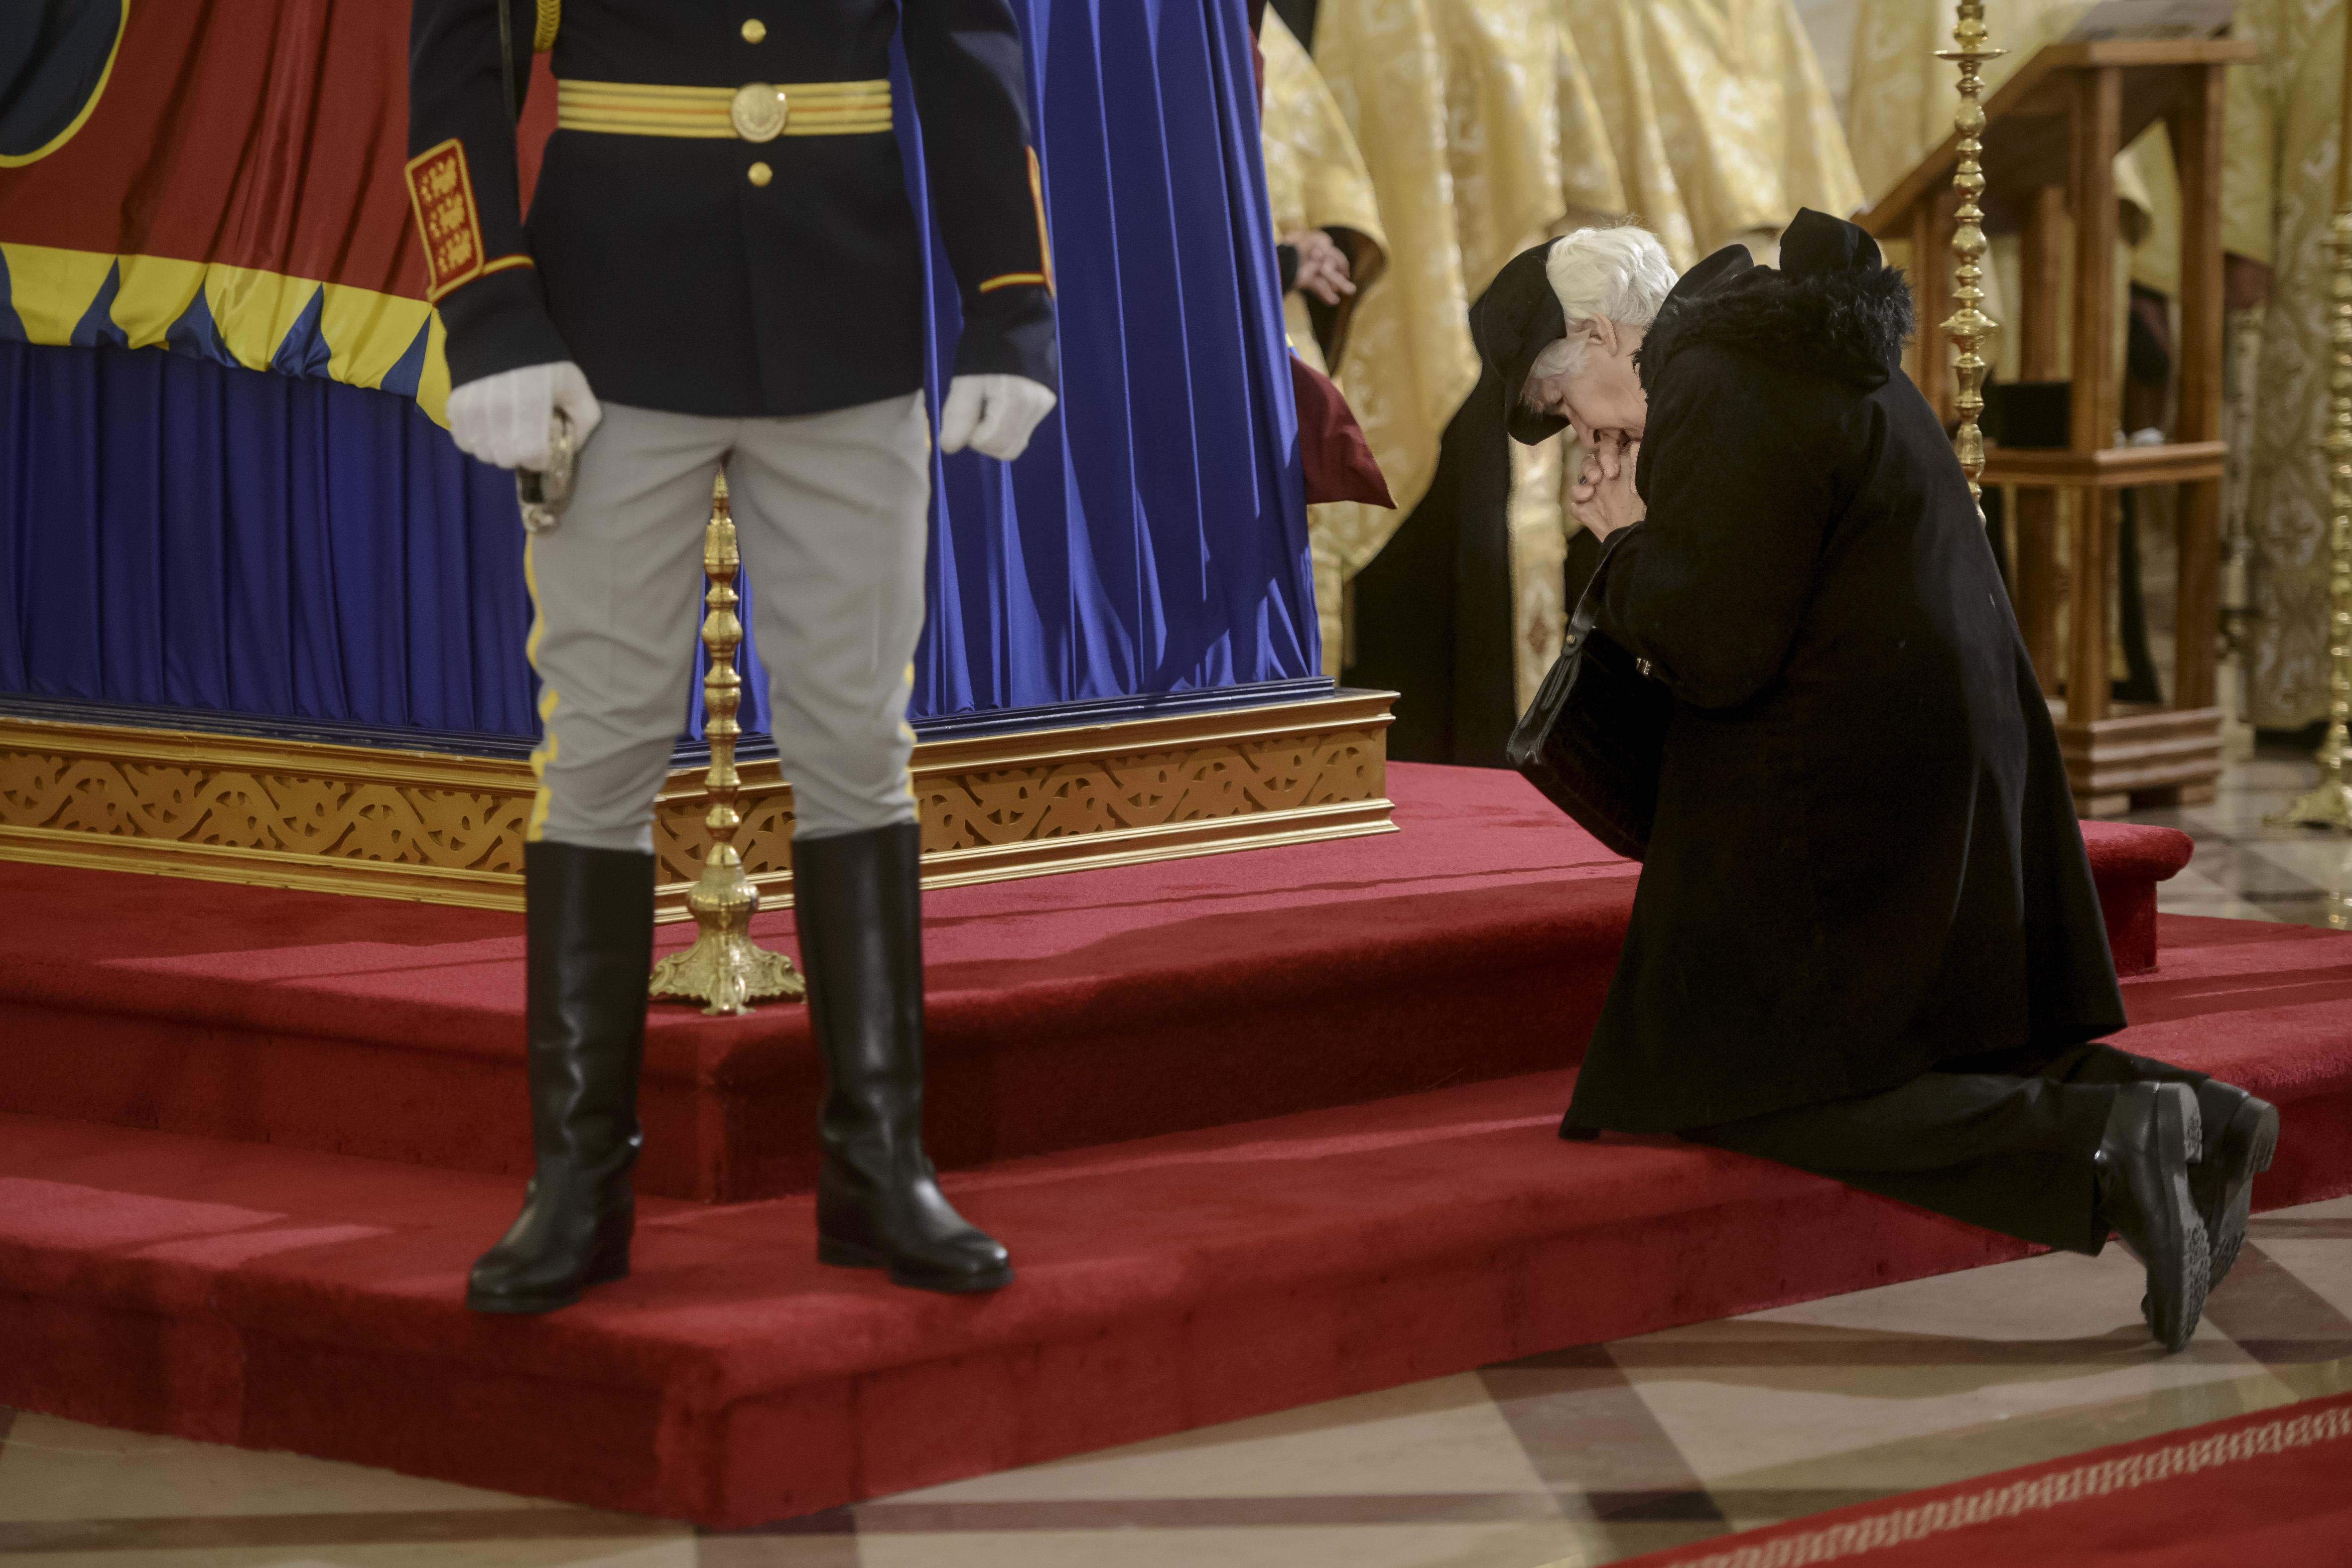 40 de zile de la moartea Regelui Mihai. Parastasul fostului monarh, la Curtea de Argeş